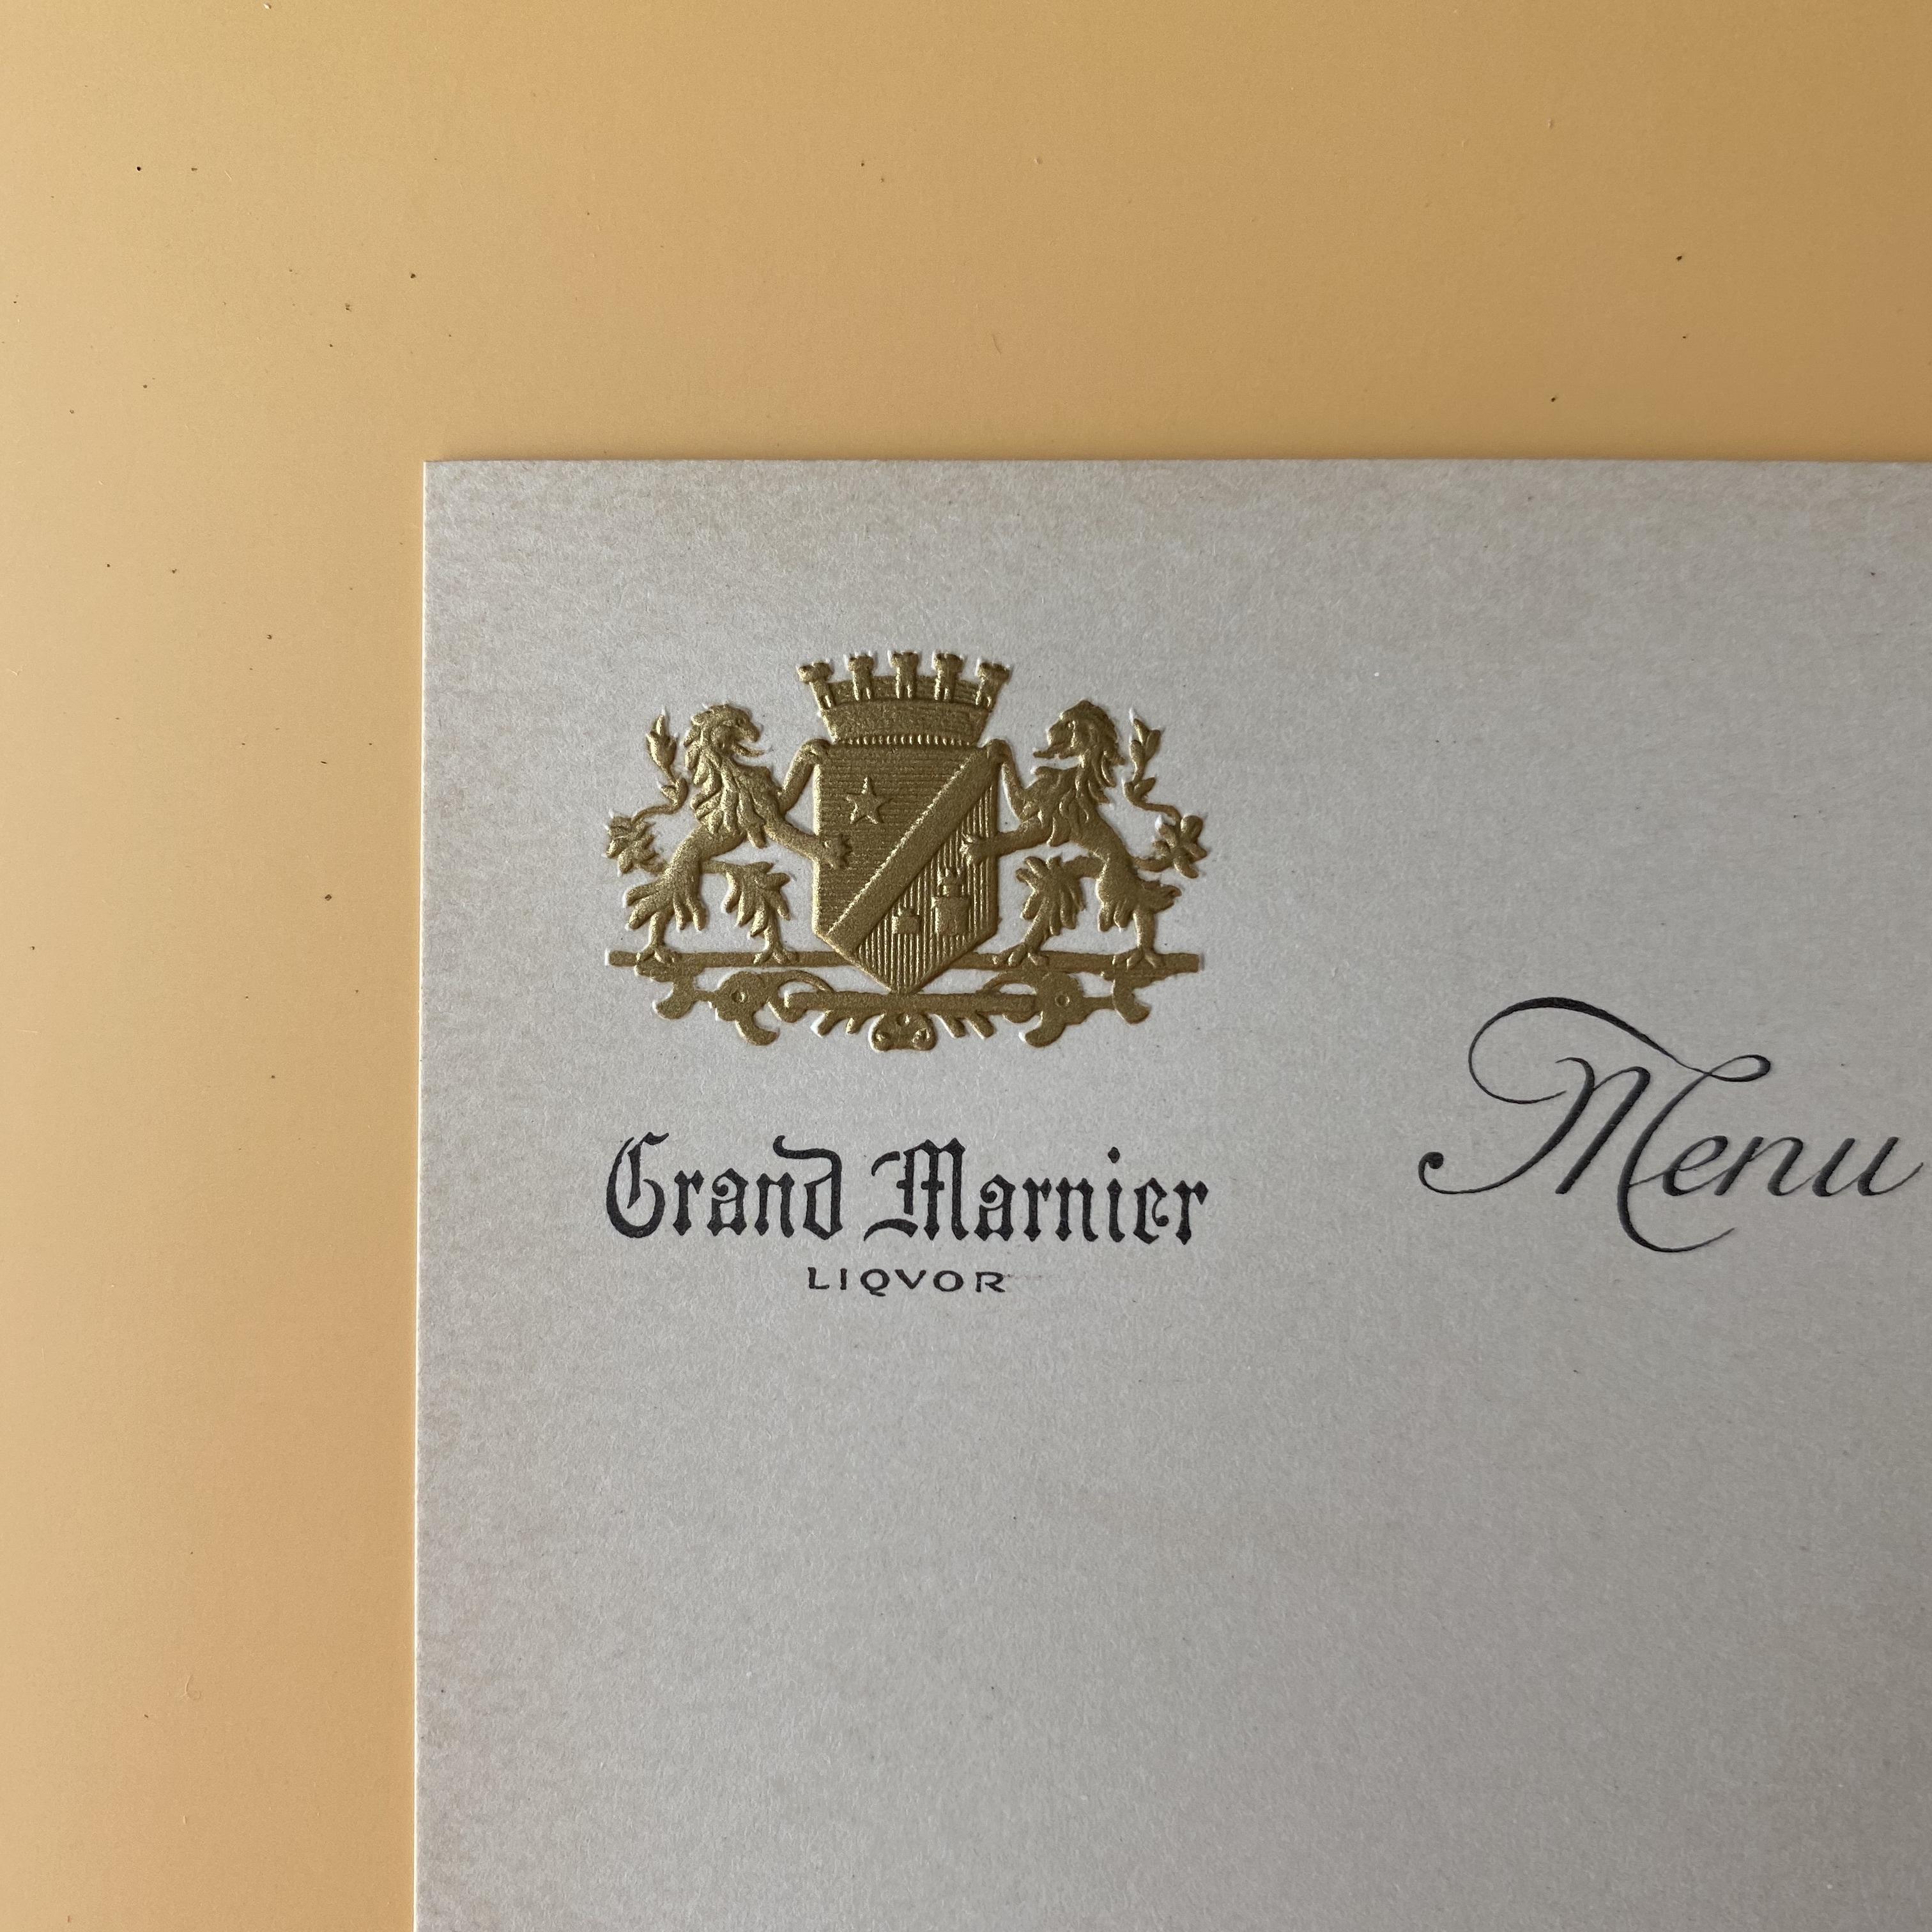 メニューシート(Grand Marnier / S)/ vp0070